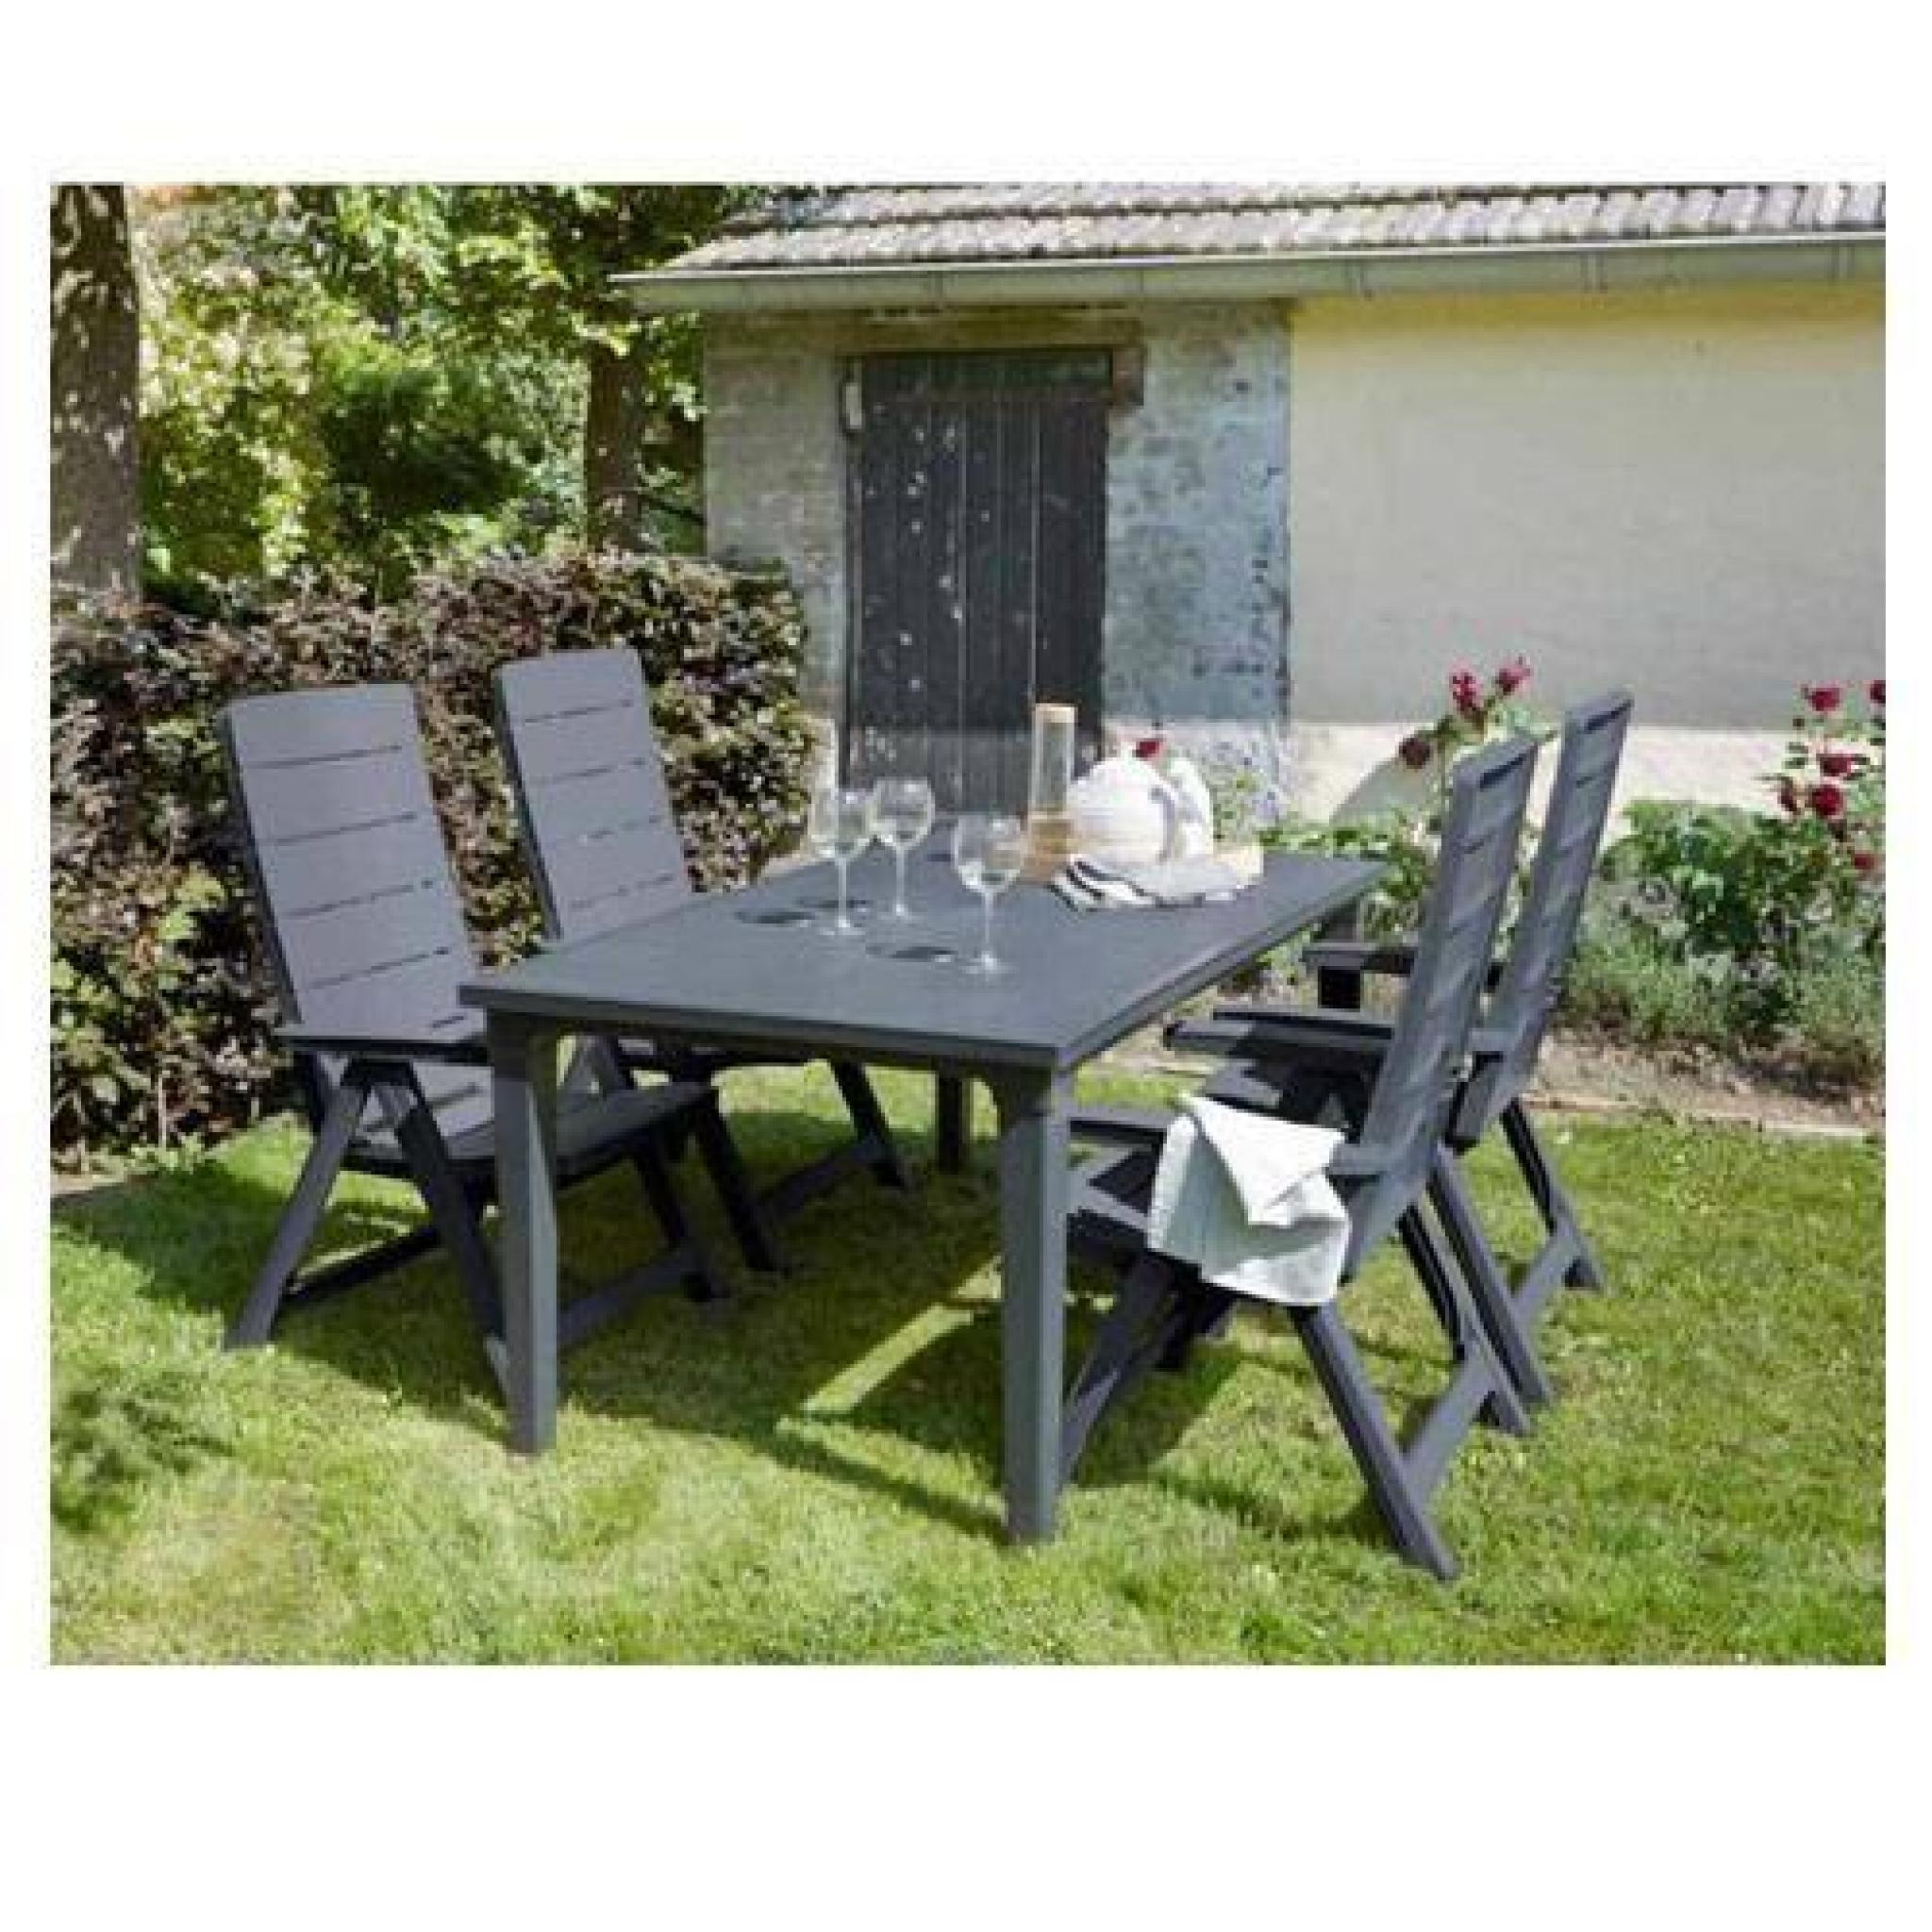 Salon de jardin: table graphite + 4 fauteuils graphite